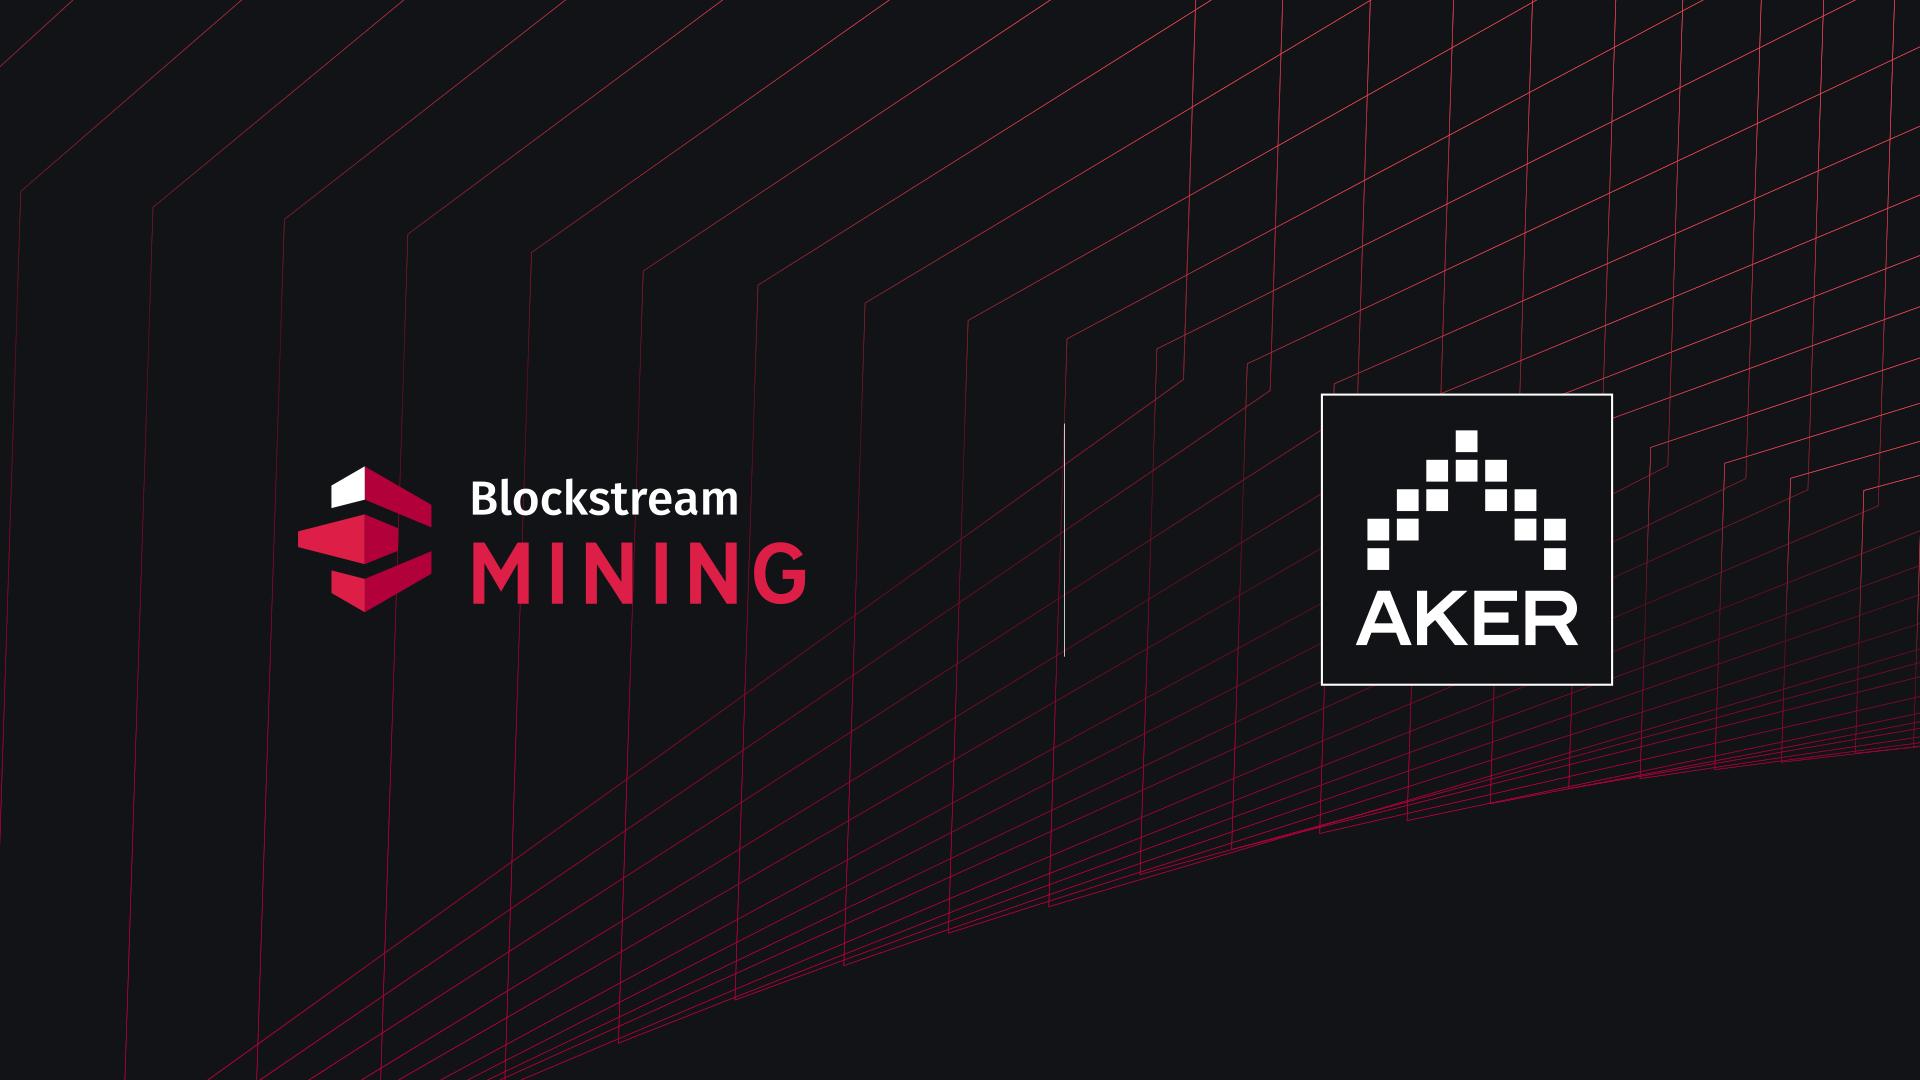 New Partnership between Blockstream and Aker